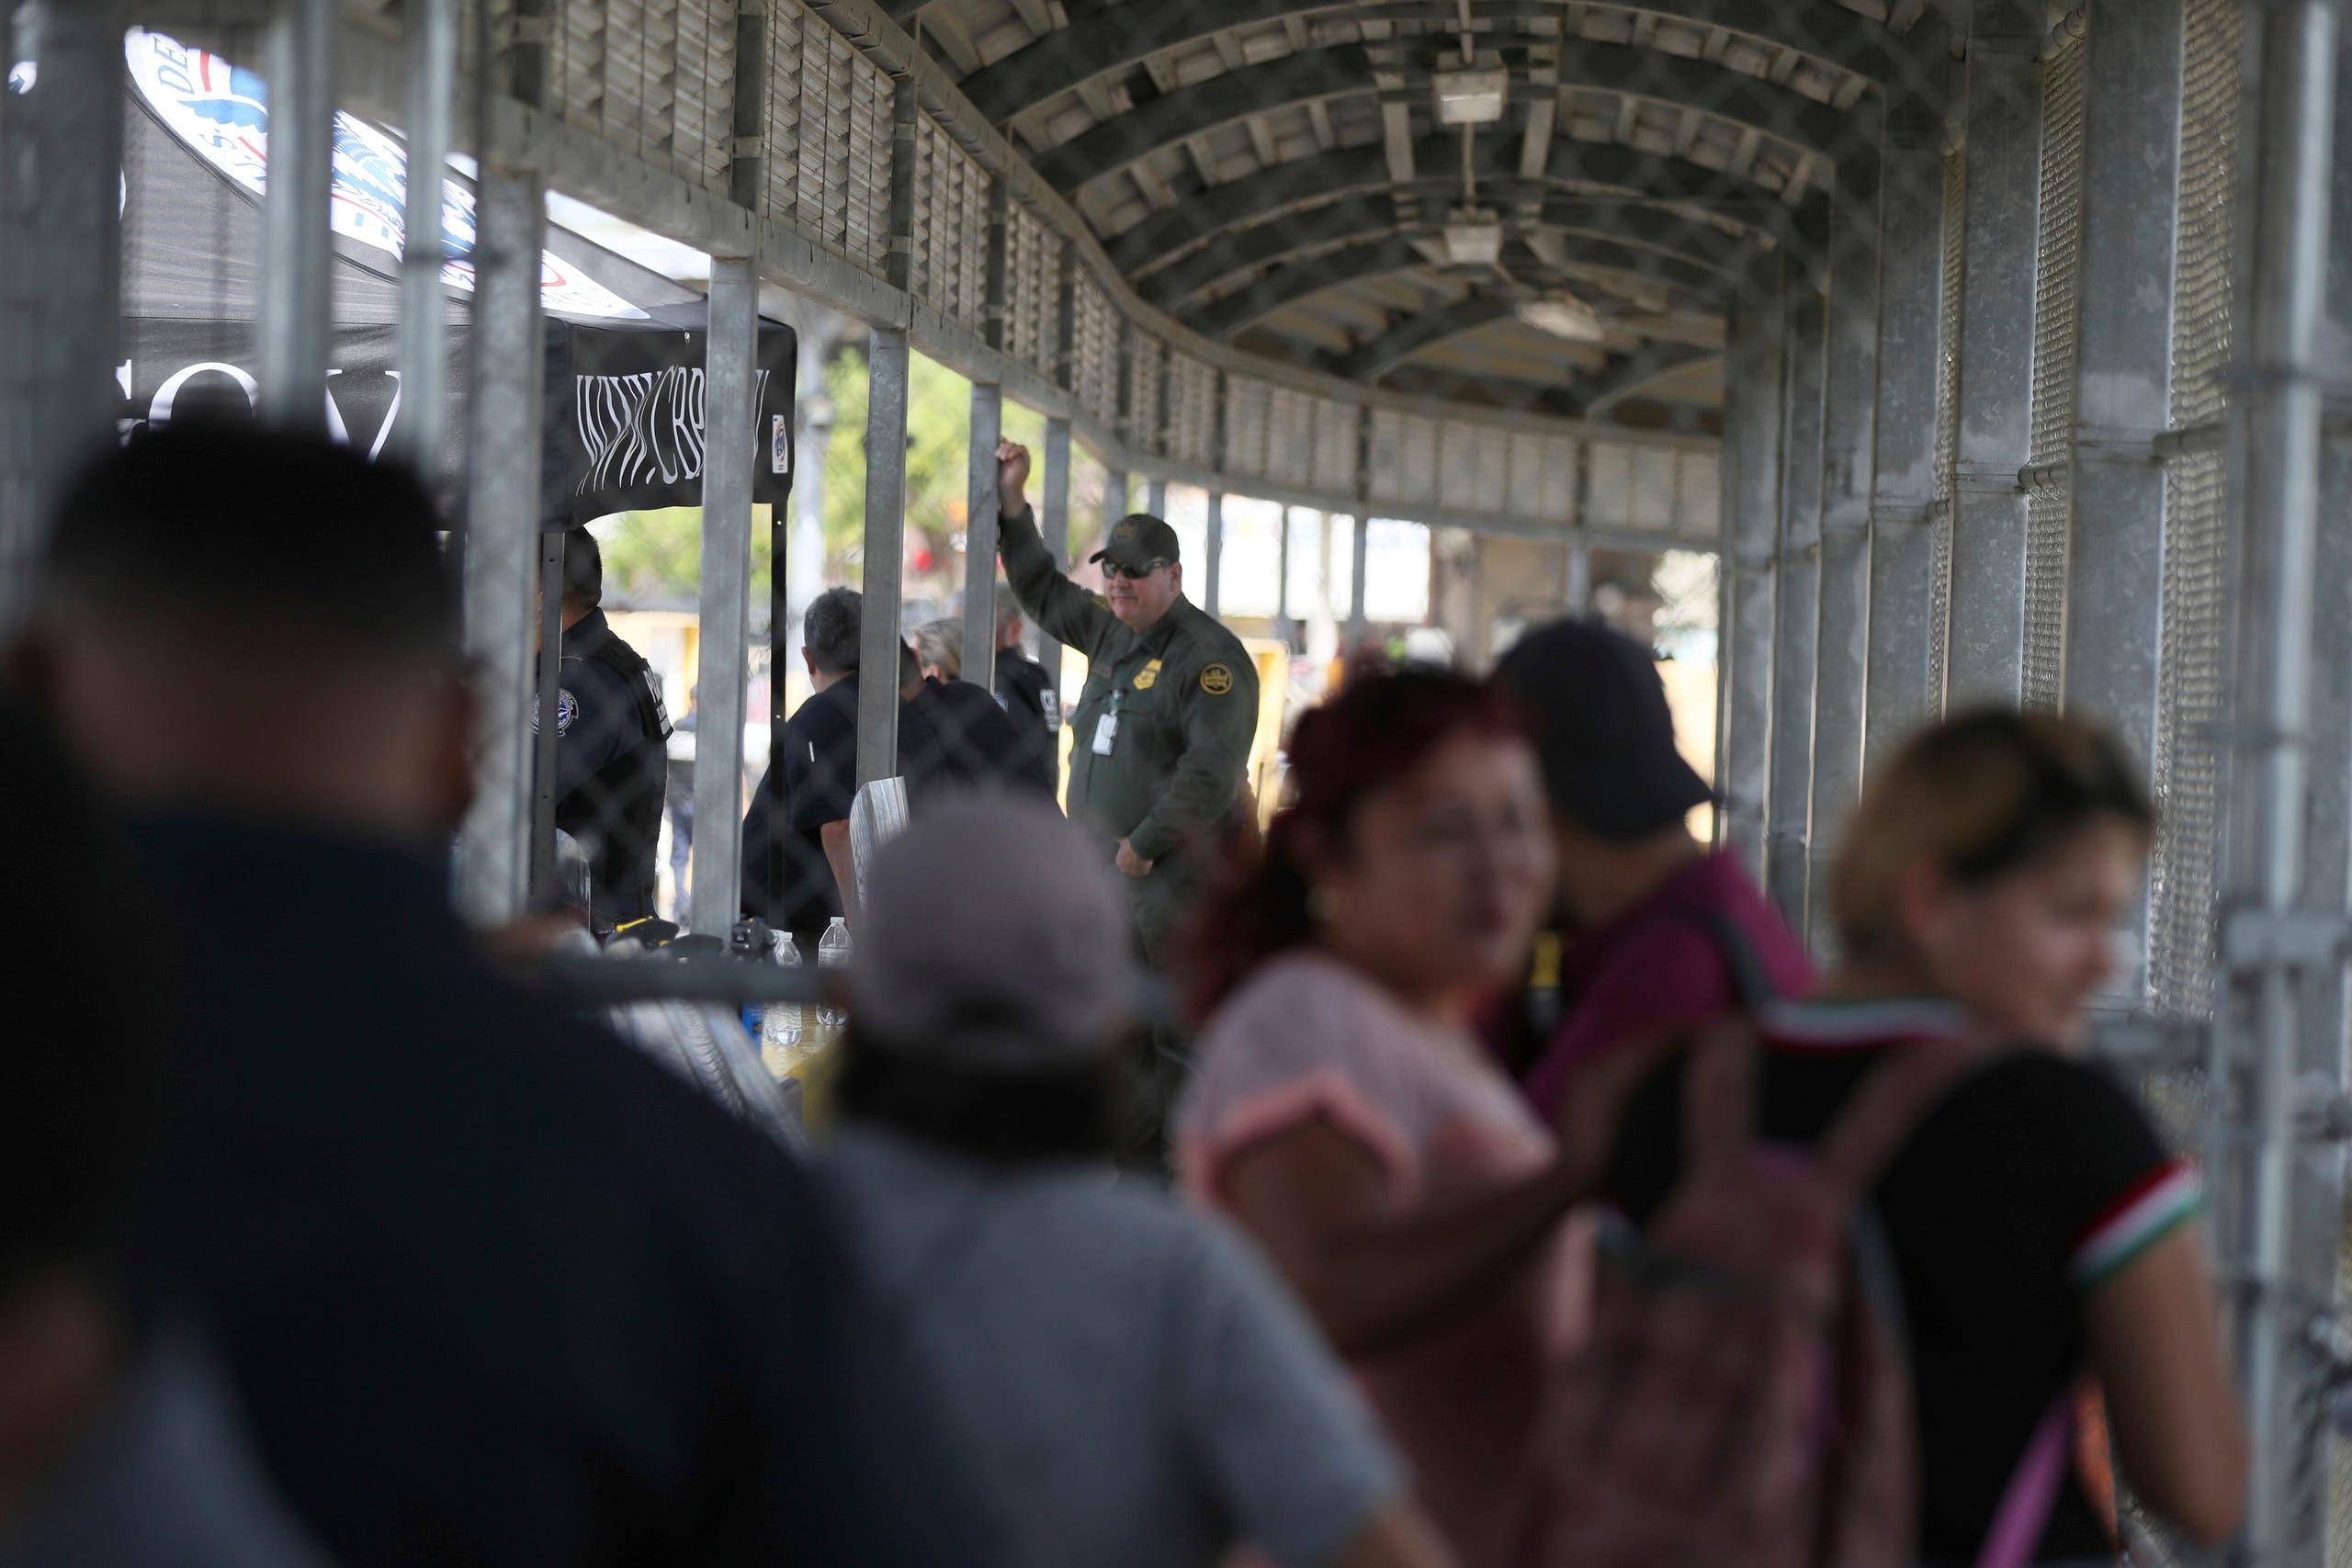 المهاجرون على الجسر الذي يربط المكسيك بالولايات المتحدة